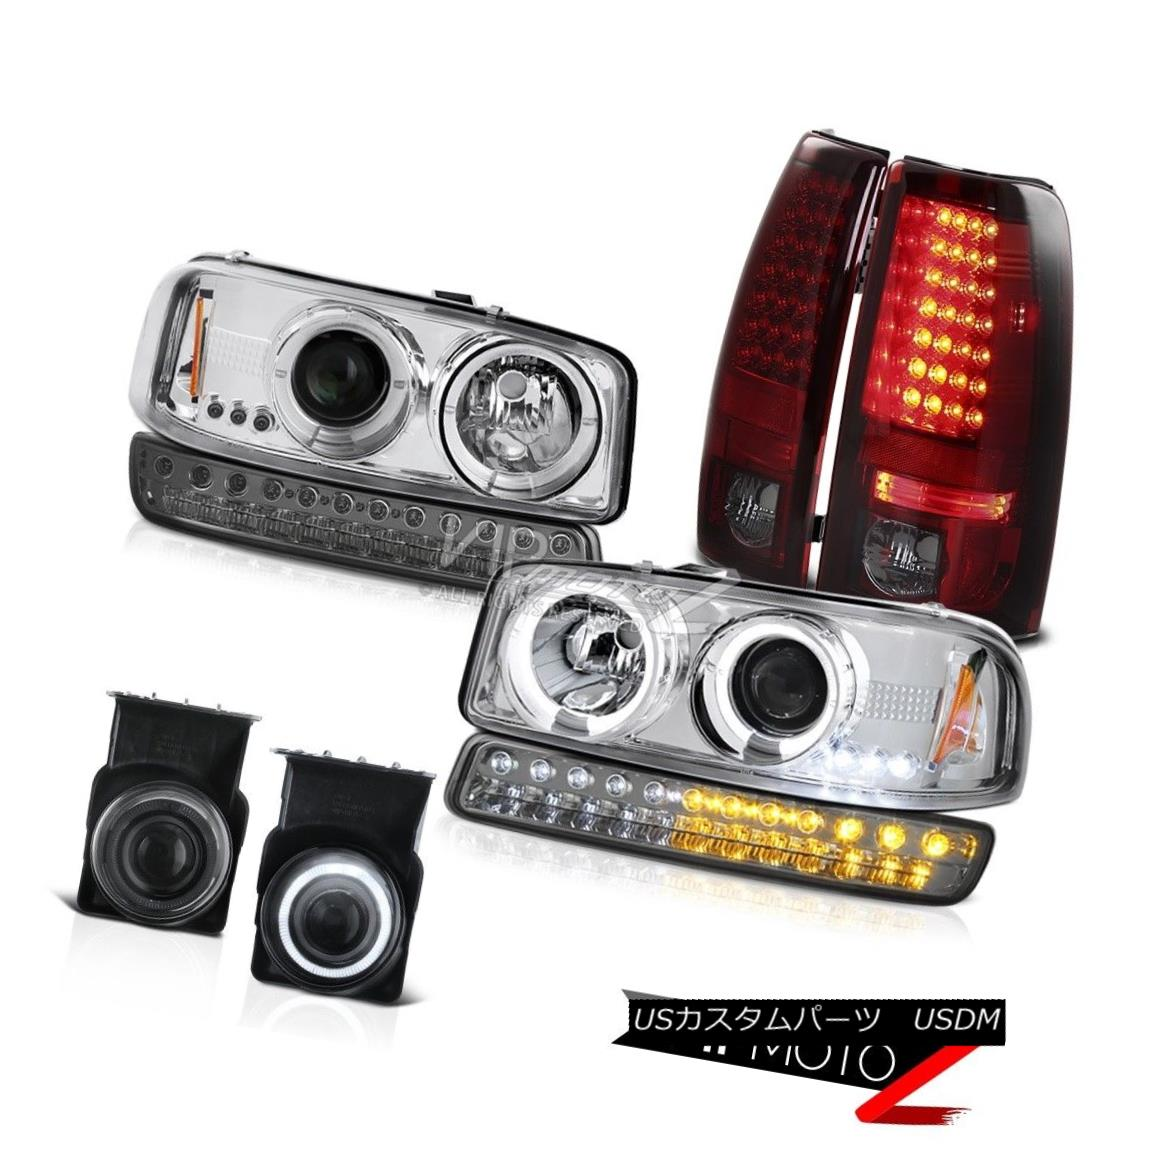 ヘッドライト 2003-2006 Sierra 5.3L Foglights Taillamps Bumper Light Crystal Clear Headlights 2003-2006シエラ5.3Lフォグライトタイヤランプバンパーライトクリスタルクリアヘッドライト